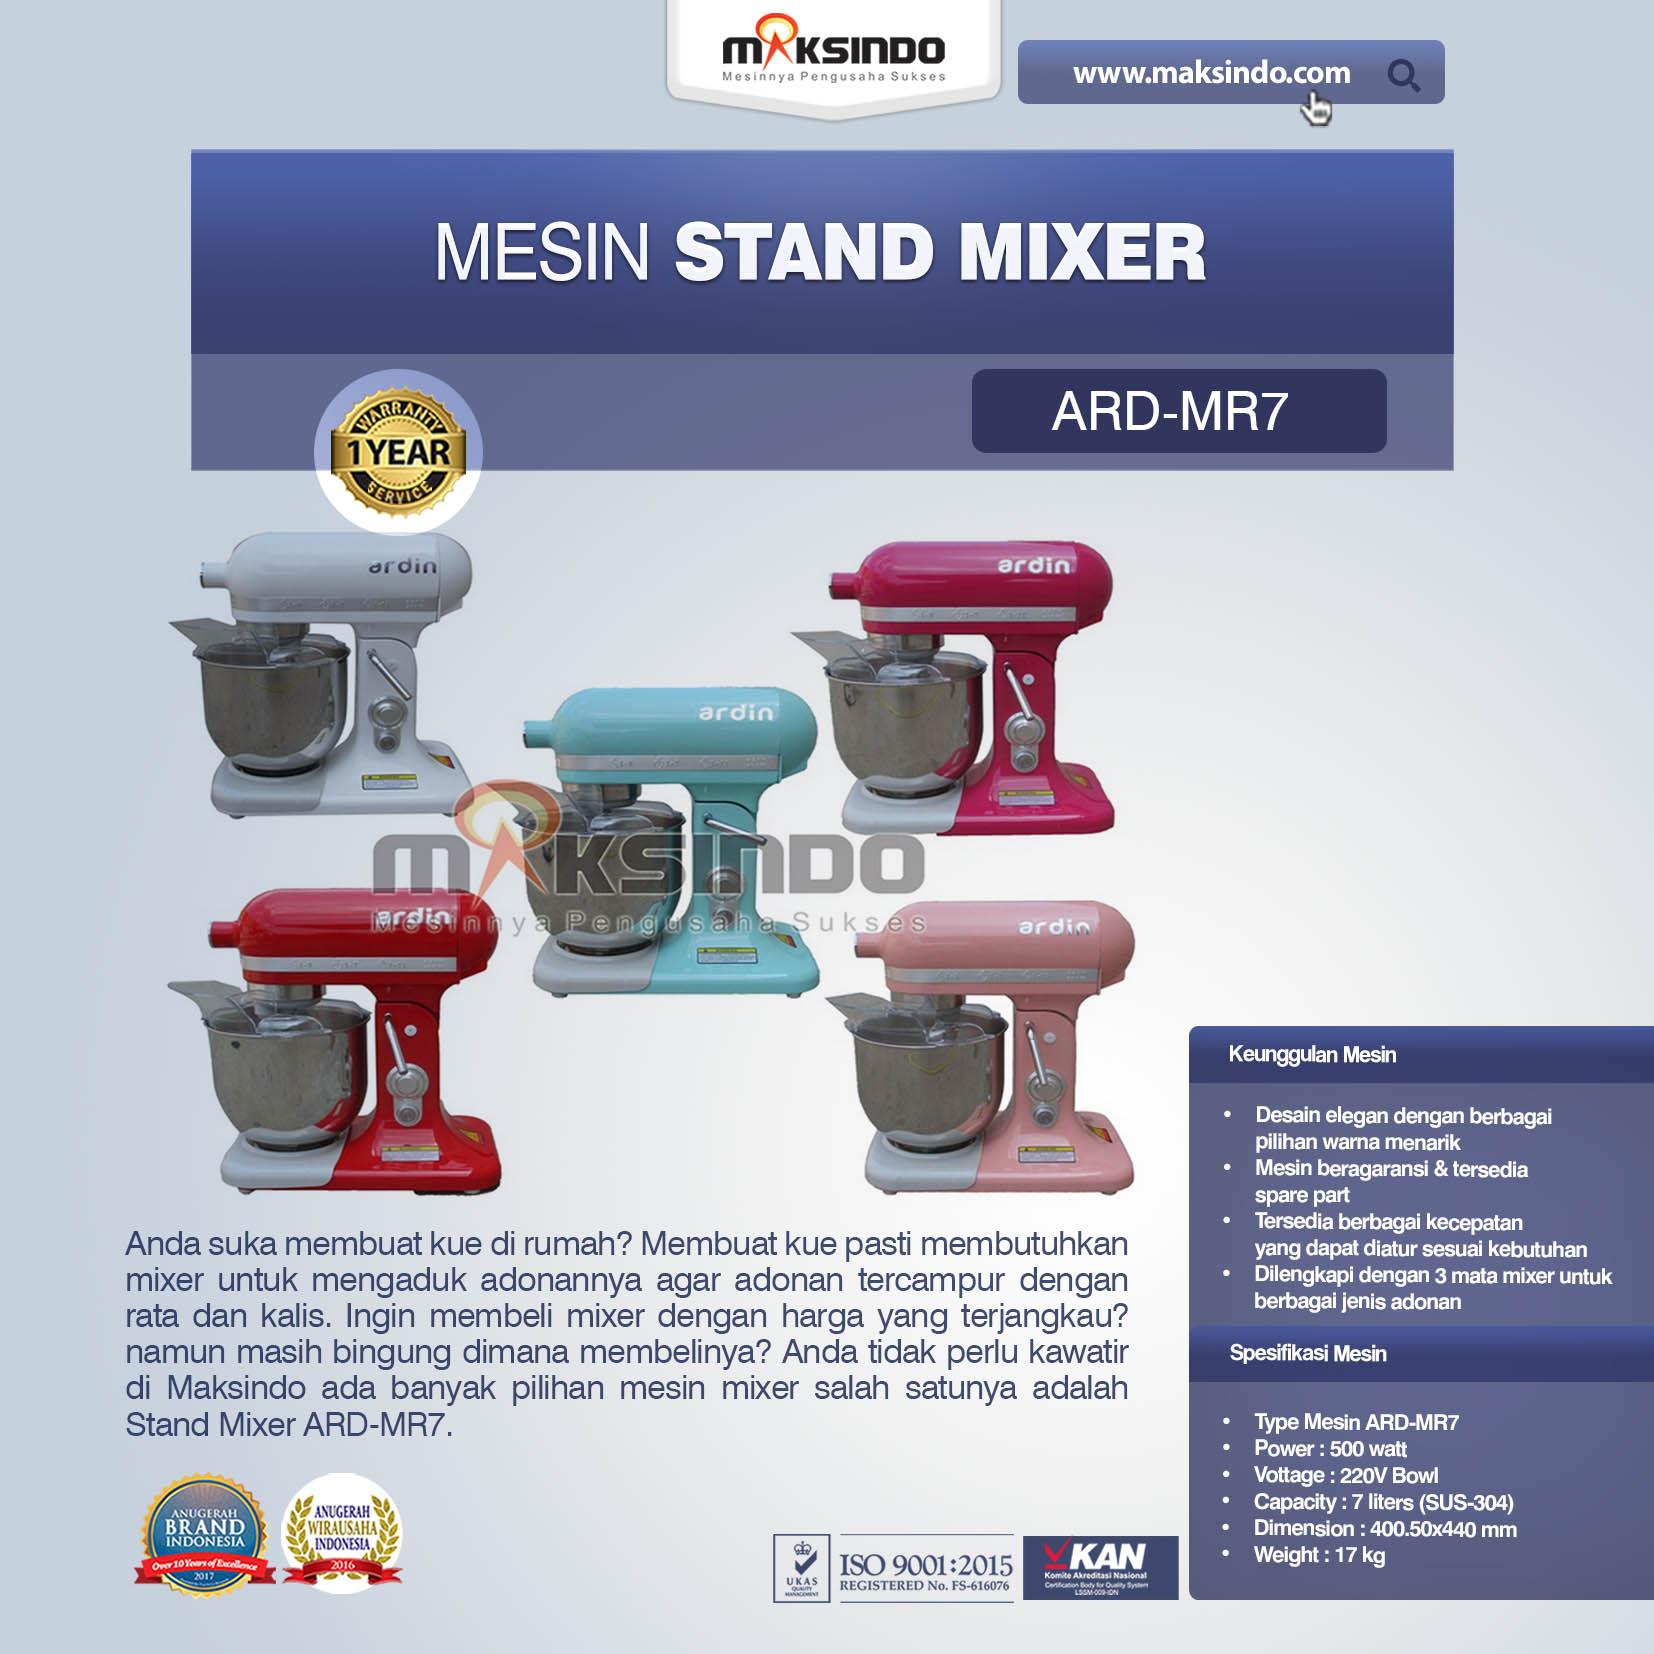 Jual Stand Mixer ARD-MR7 di Medan